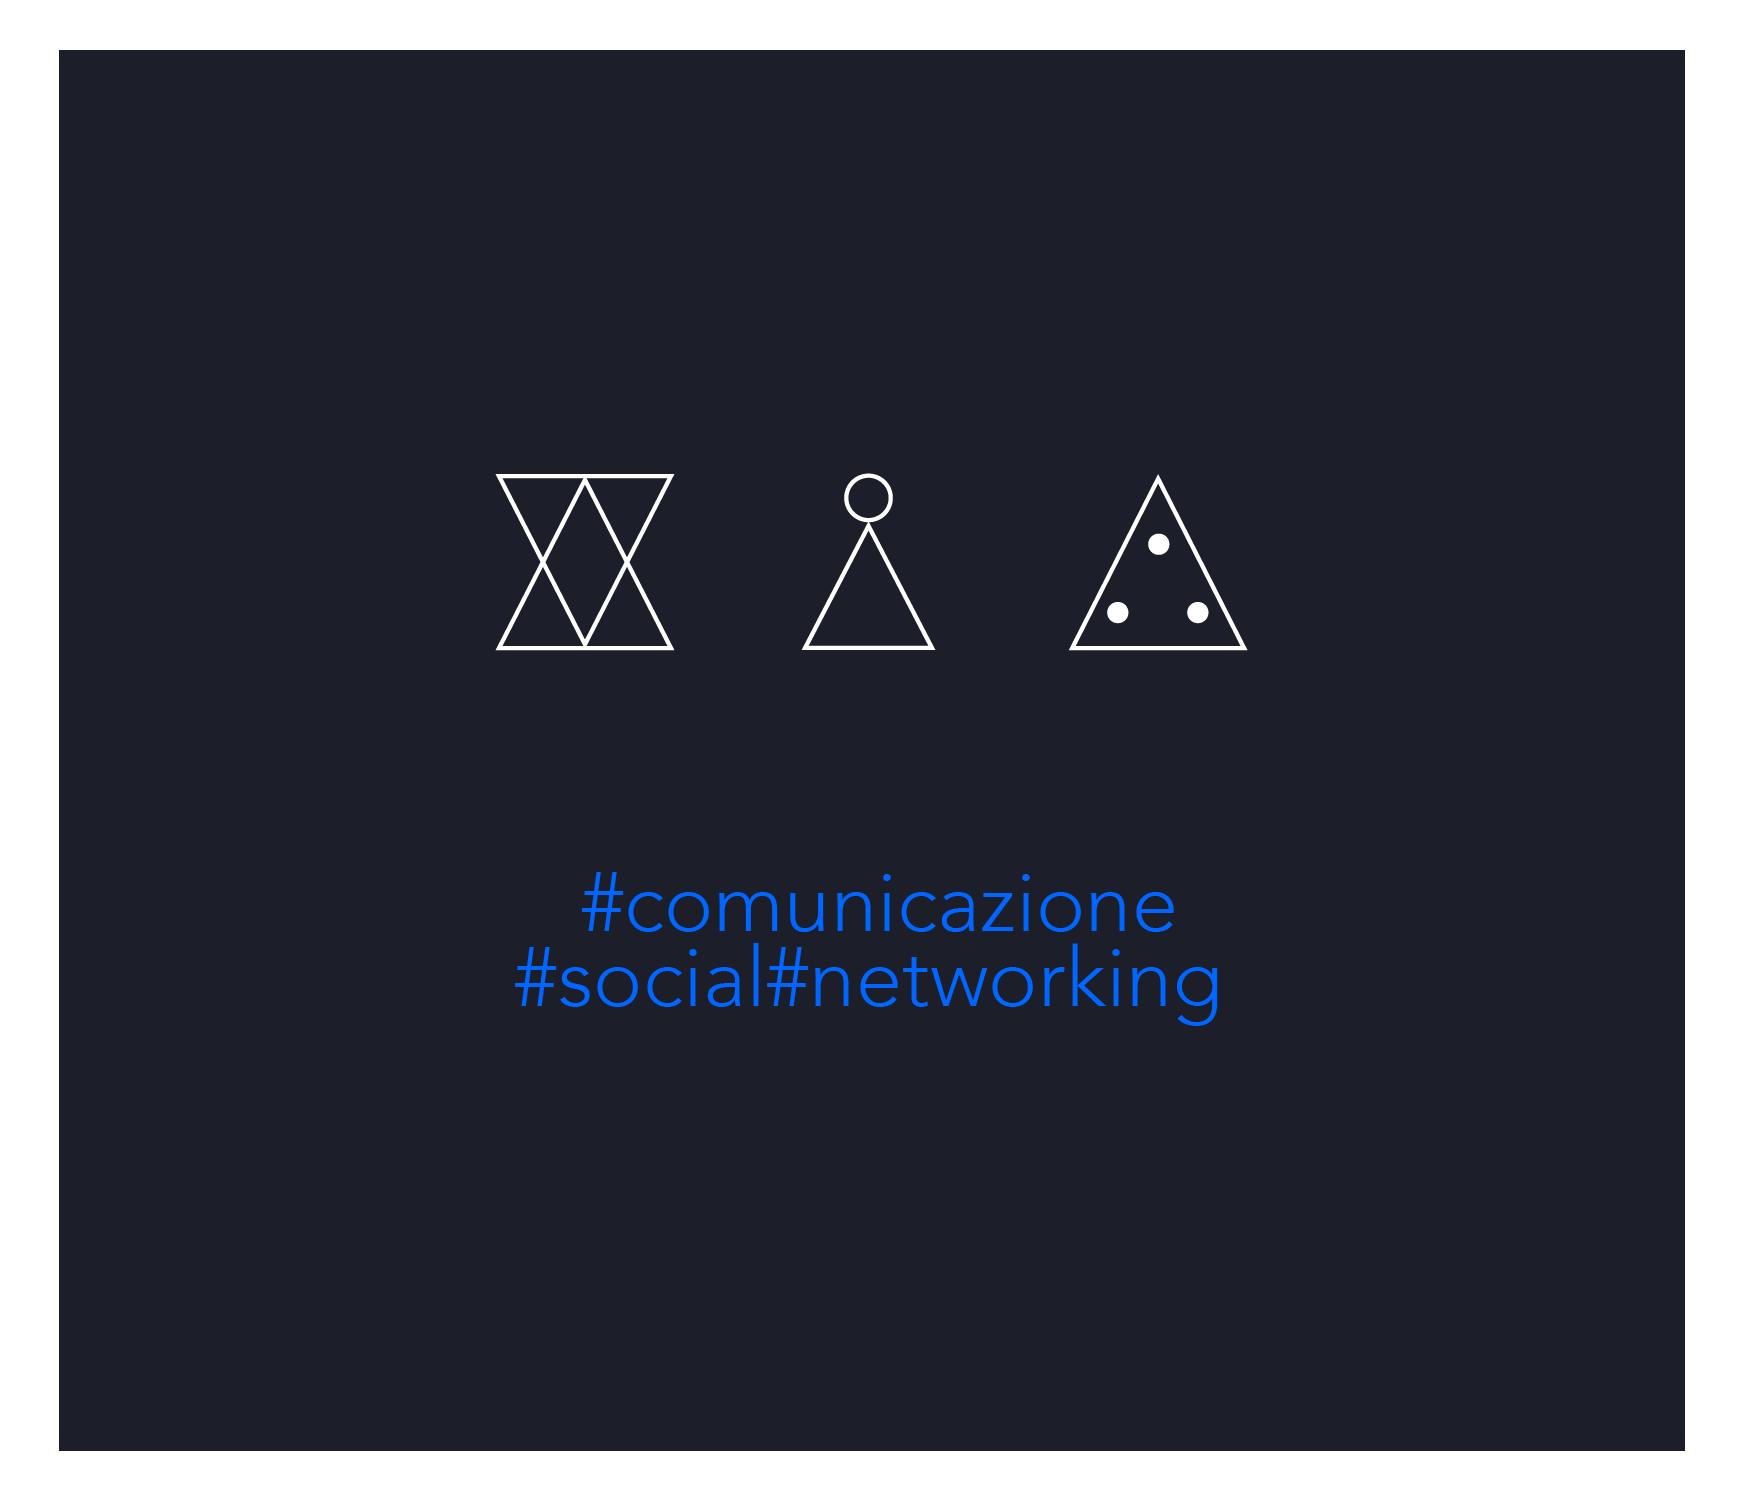 Personalizzazione grafica di icone per 735 srl – Settore Comunicazione